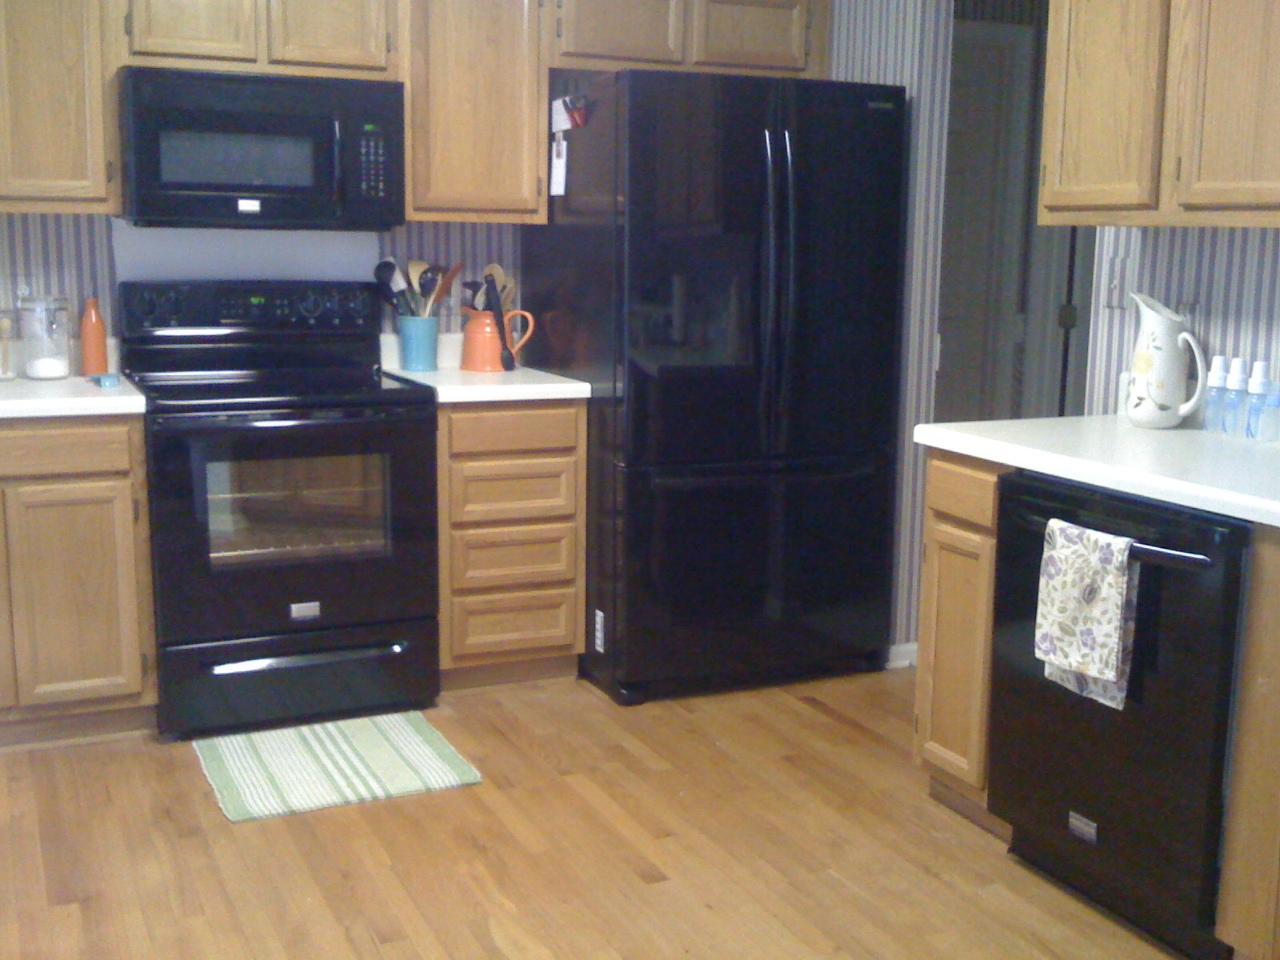 Black Stove And Refrigerator Home Design Ideas